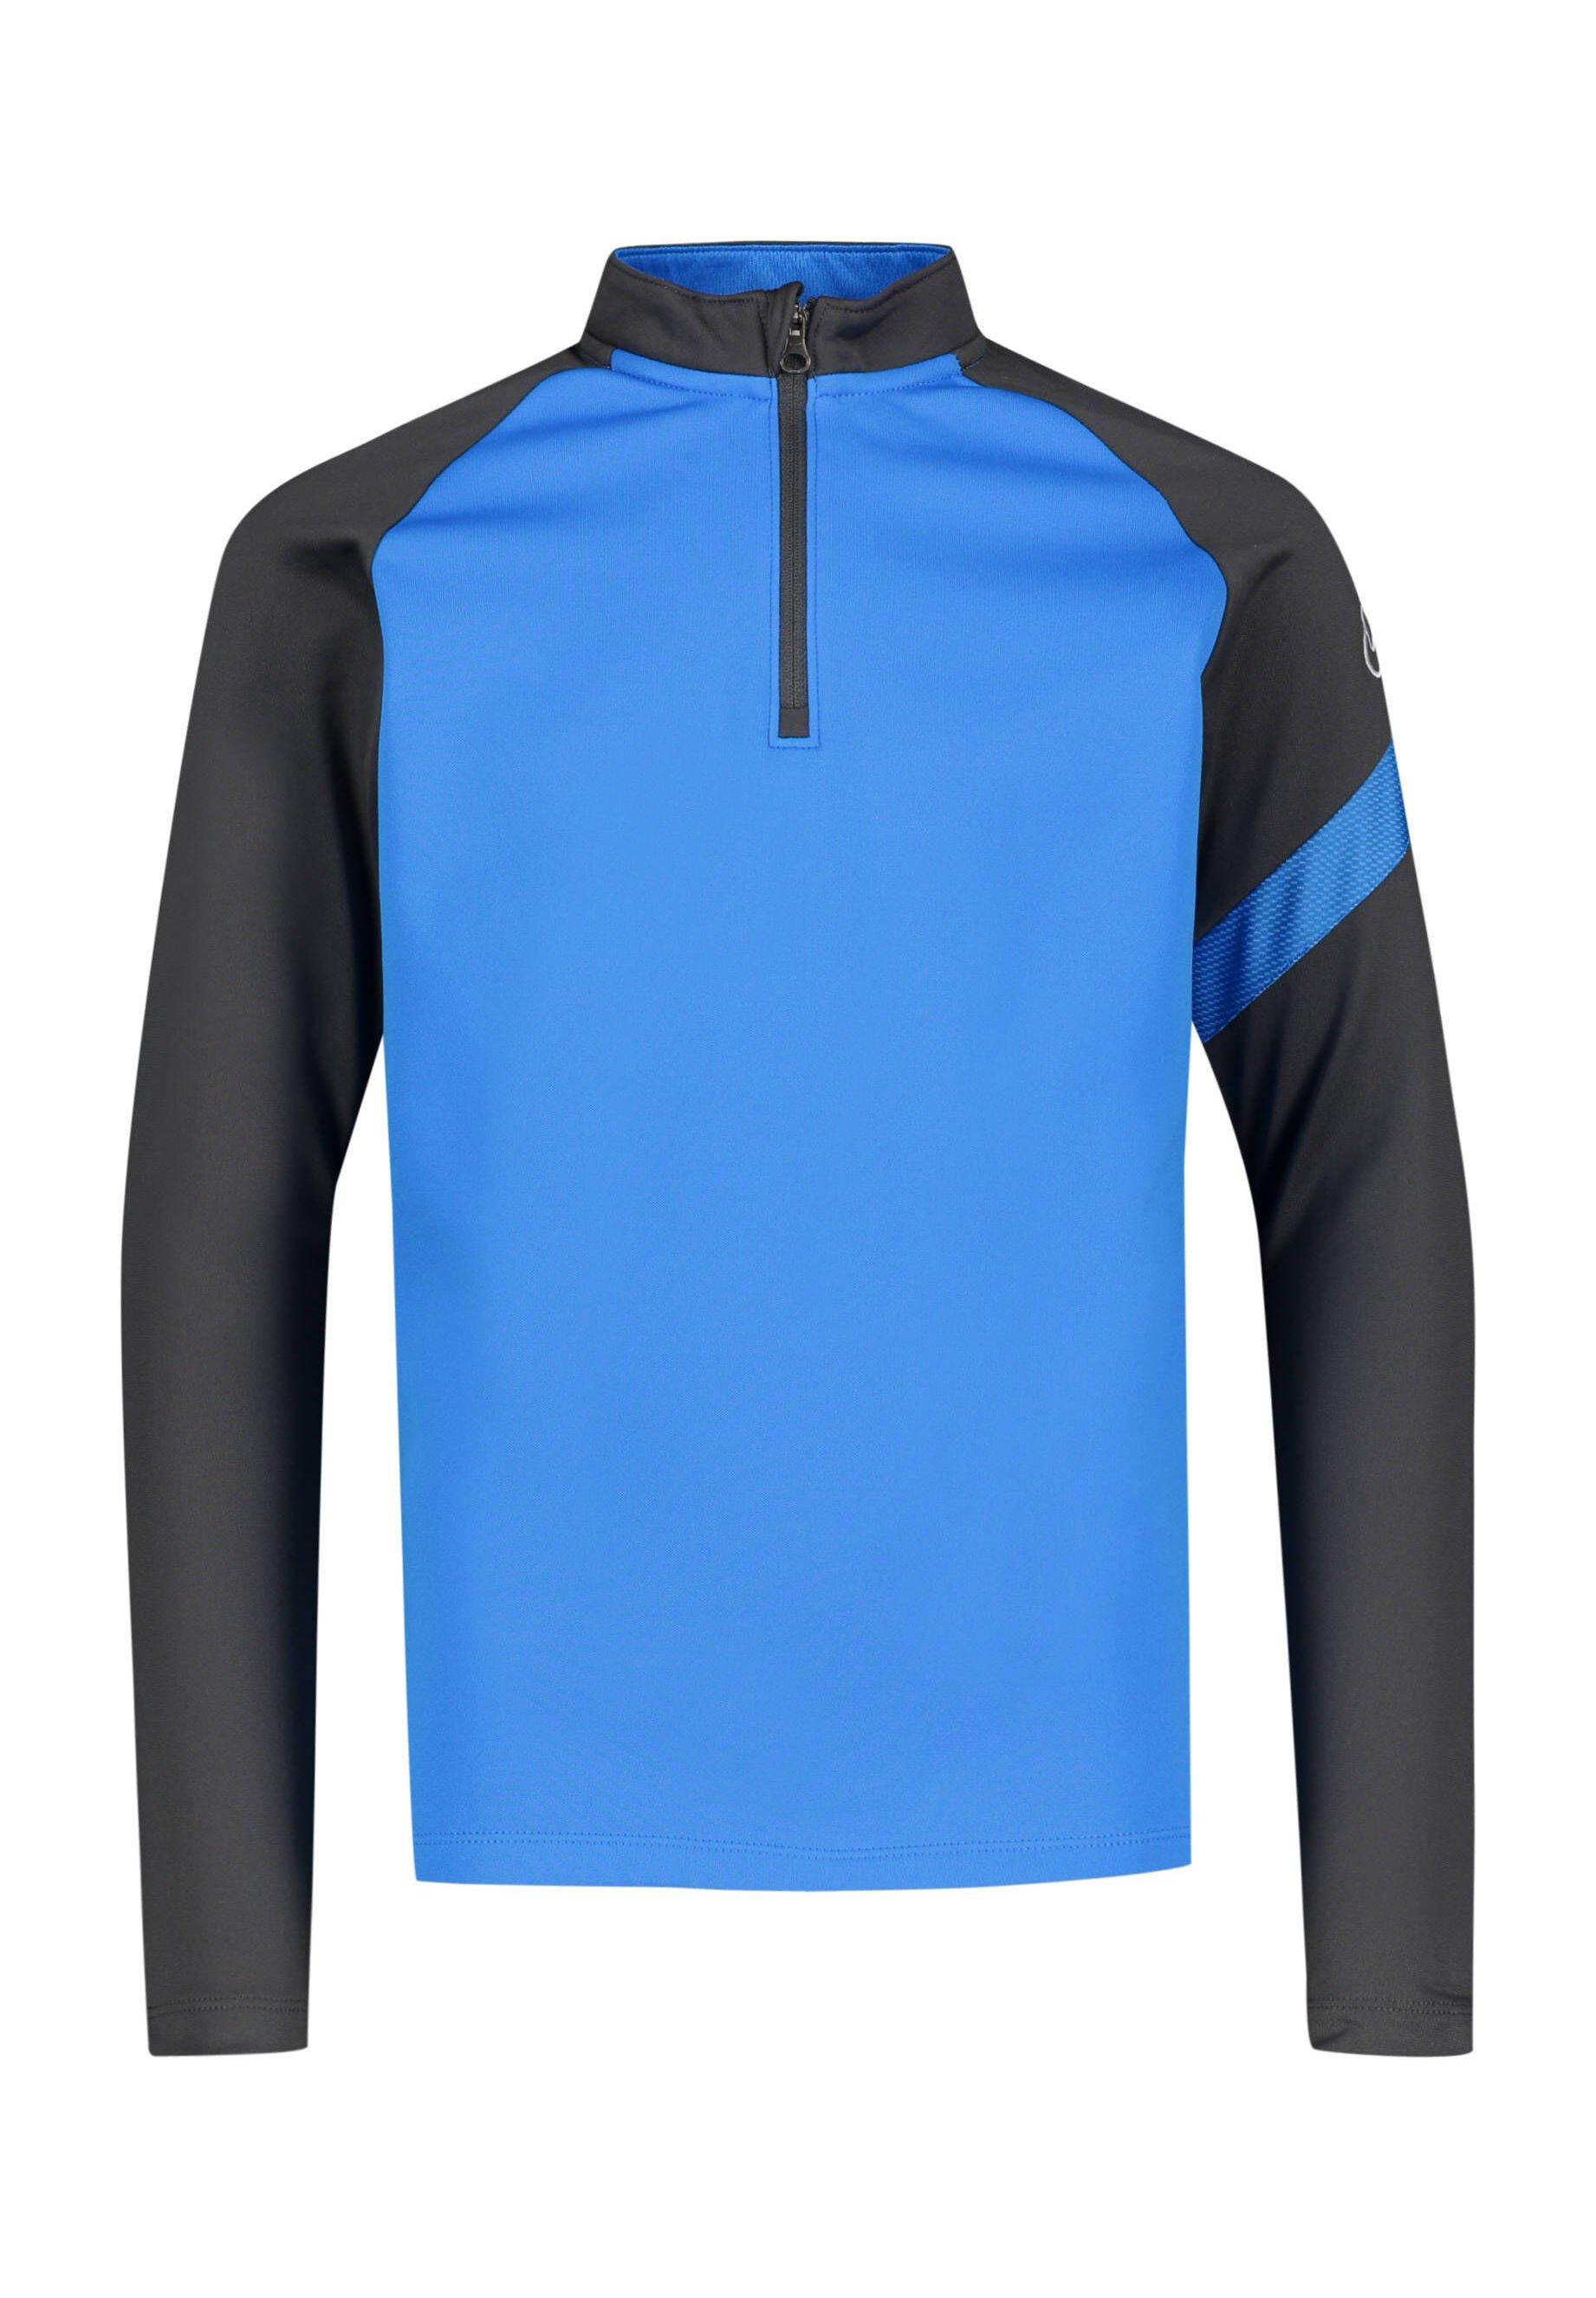 T shirts manches longues sport enfant   La sélection de Zalando